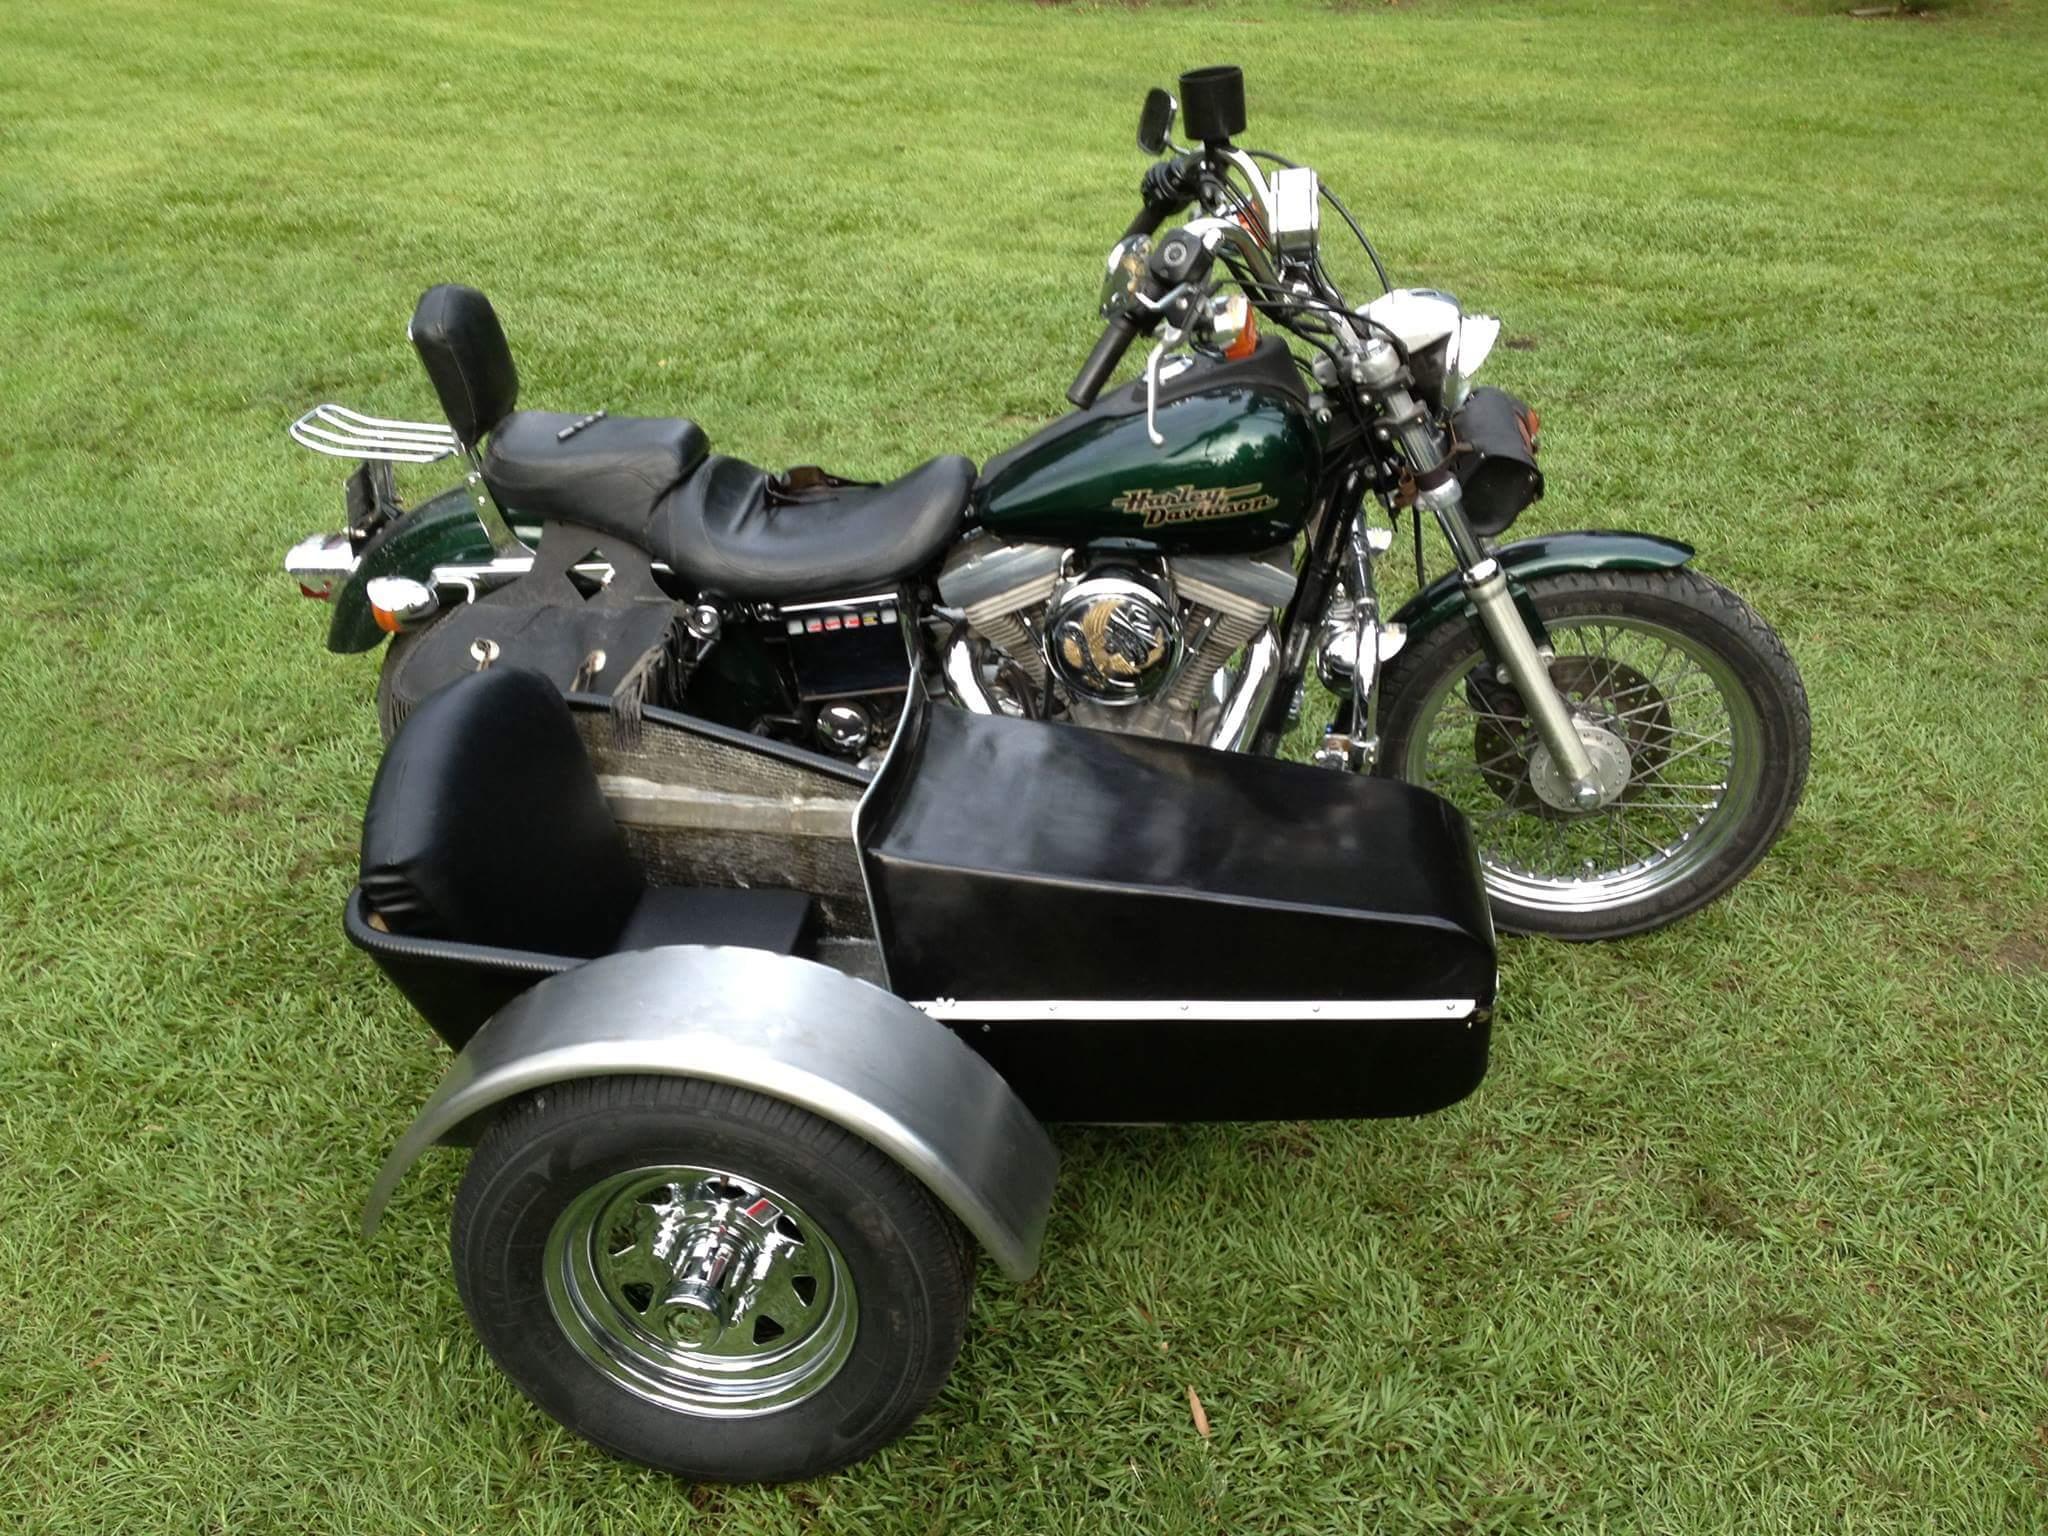 Diy trike kits 15973 lemack rd dade city fl 33523 yp solutioingenieria Images